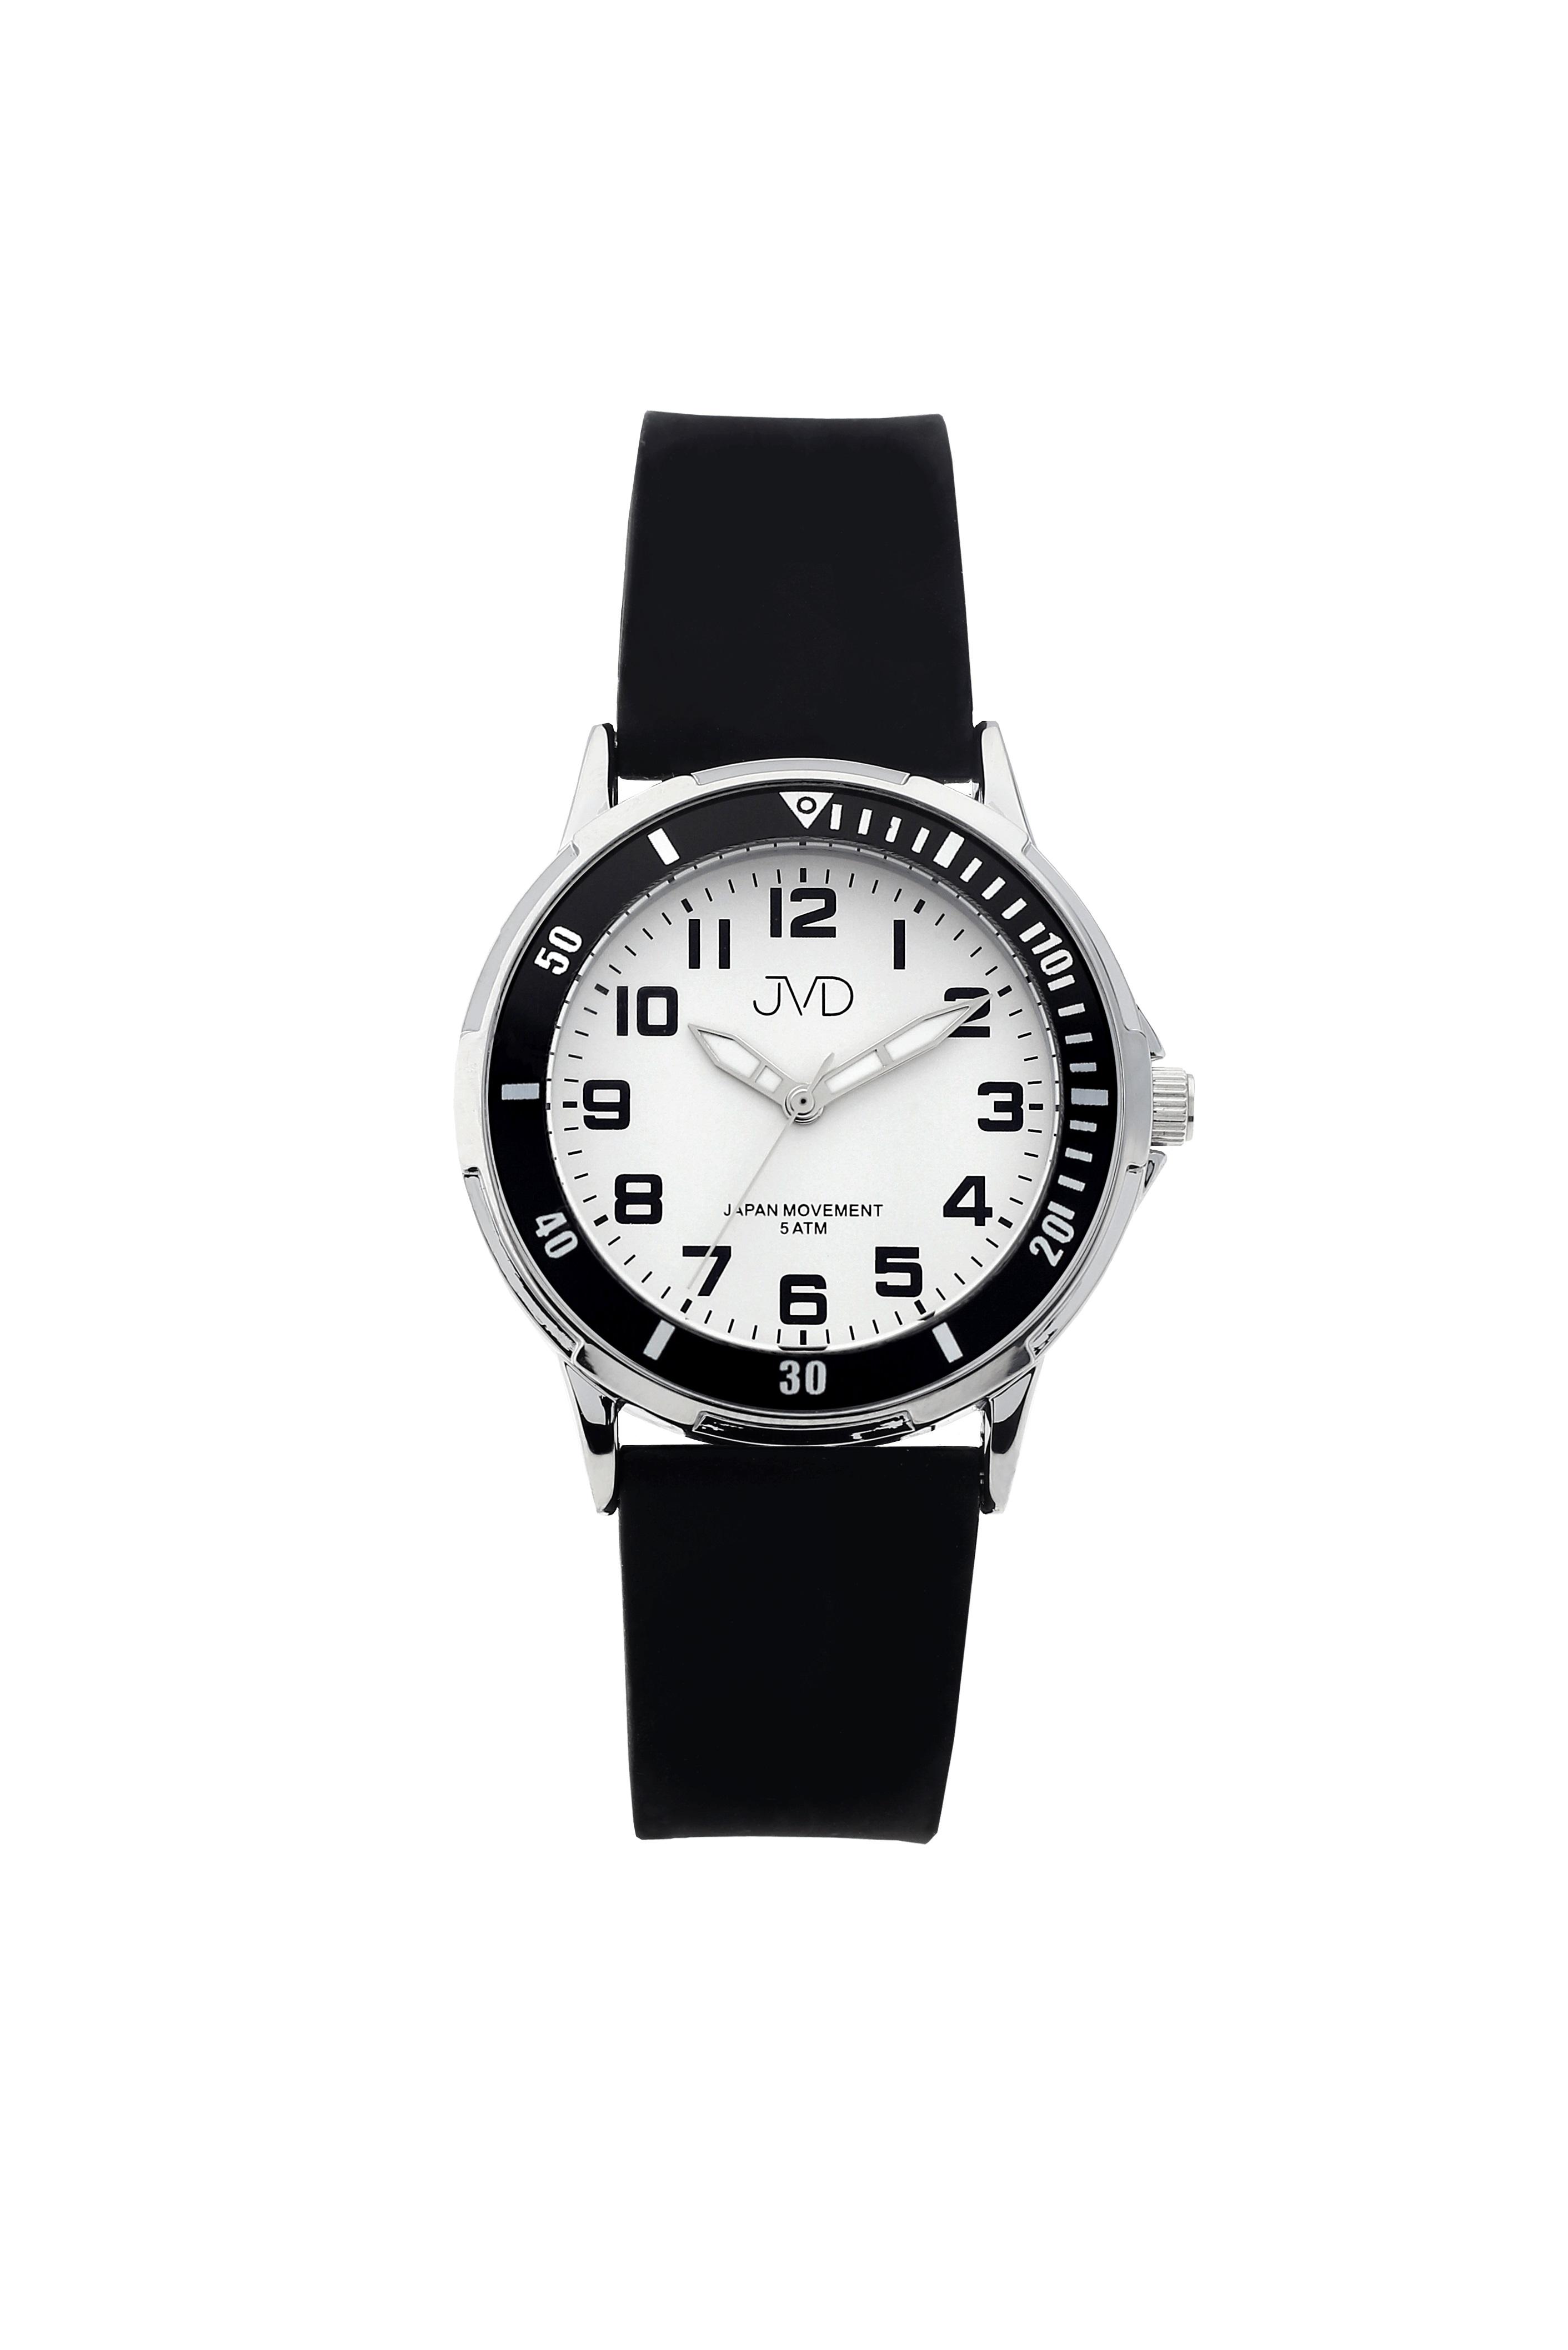 Chlapecké dětské voděodolné náramkové hodinky JVD J7181.1 - 5ATM (POŠTOVNÉ ZDARMA!! )